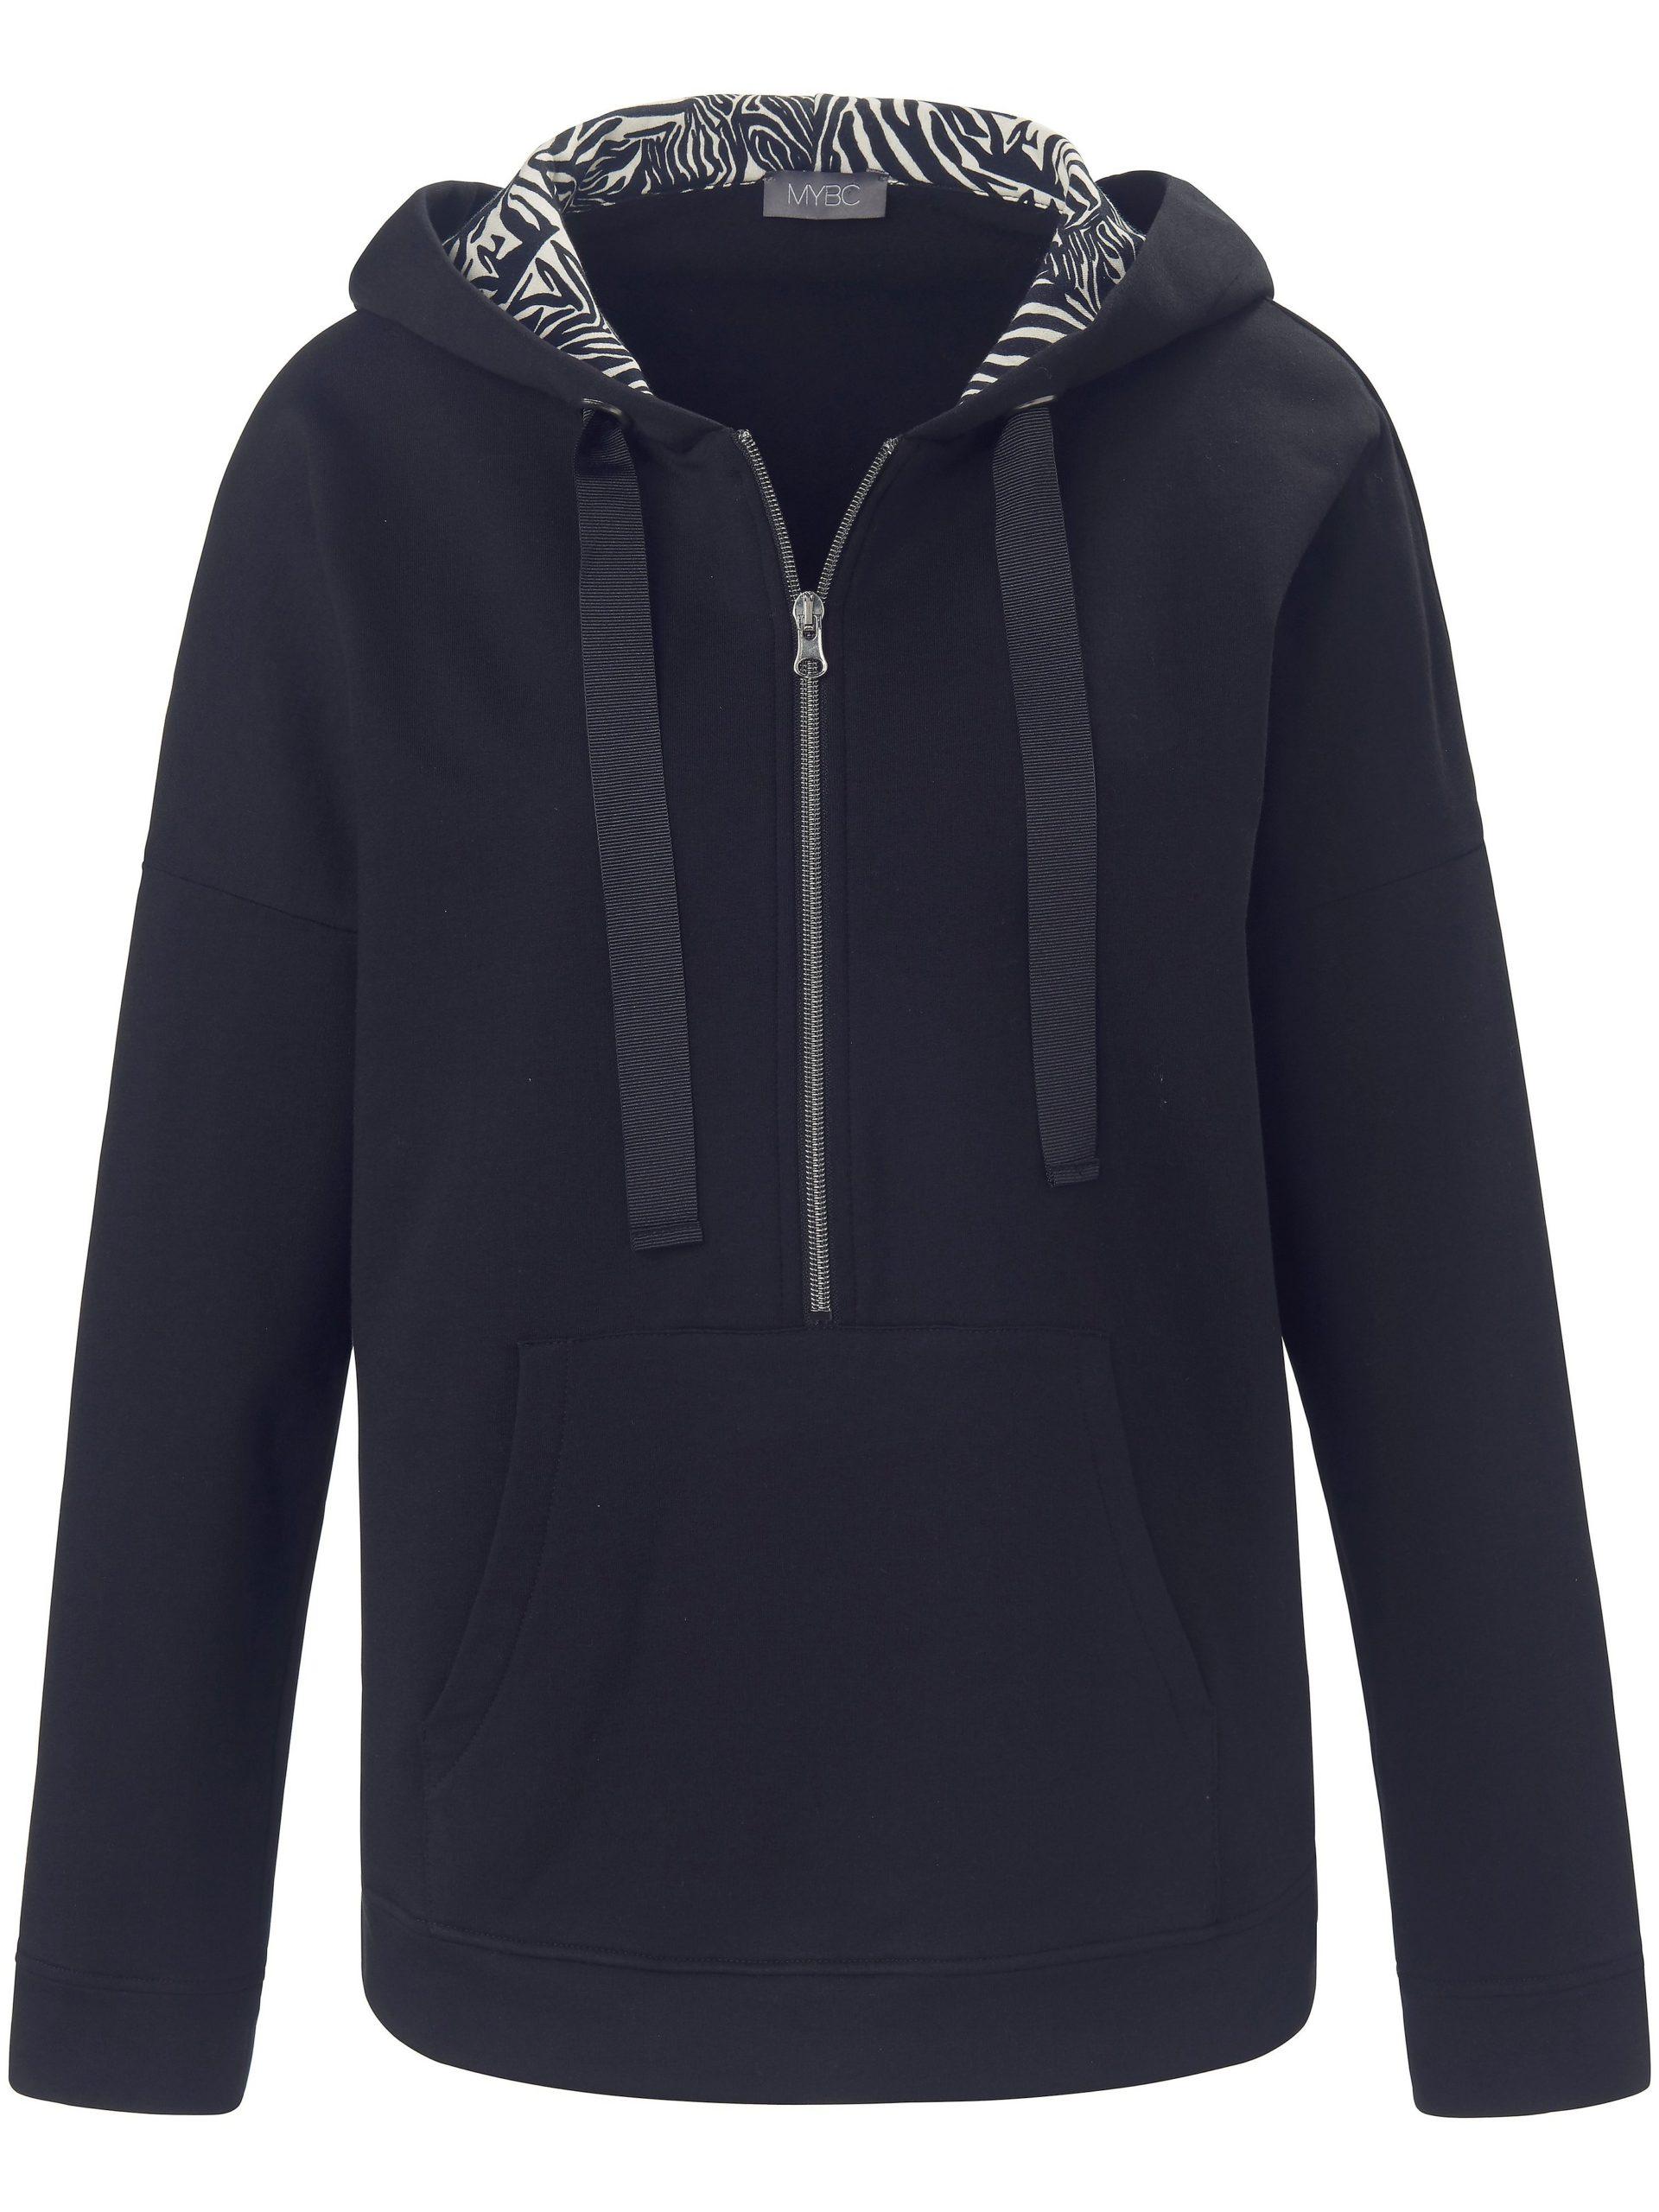 Sweatshirt met capuchon en lange mouwen Van MYBC blauw Kopen